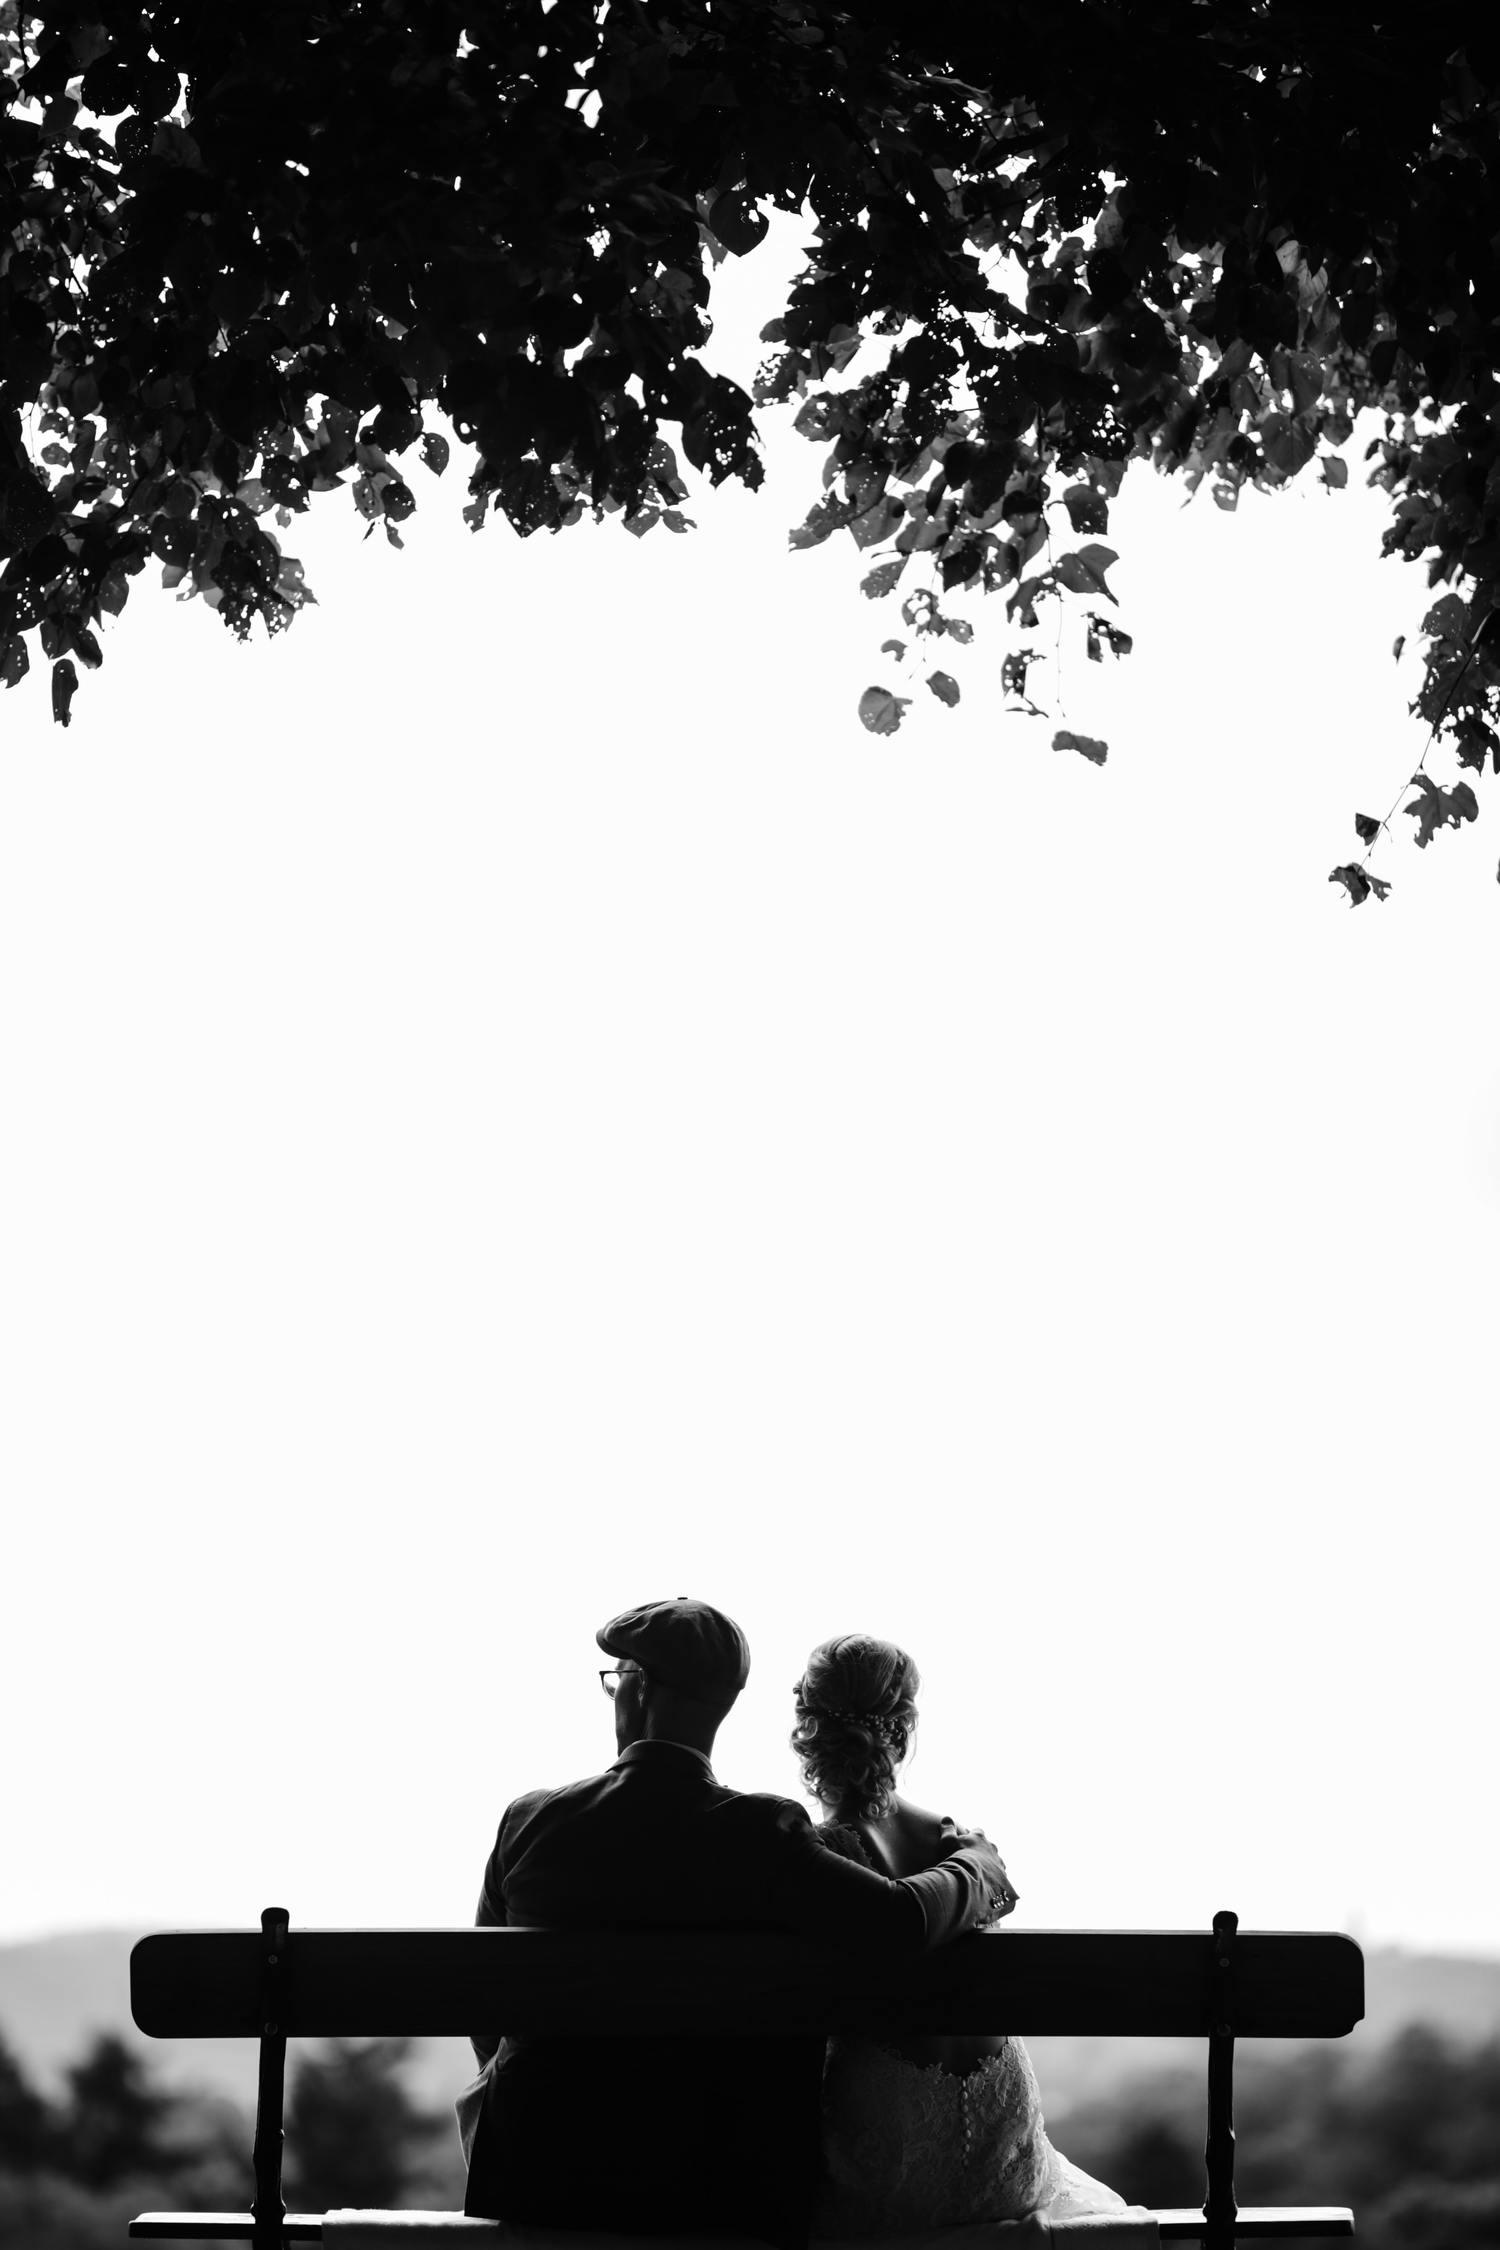 Пример фотографической композиции в черно-белом цвете.  Жених и невеста на скамейке.